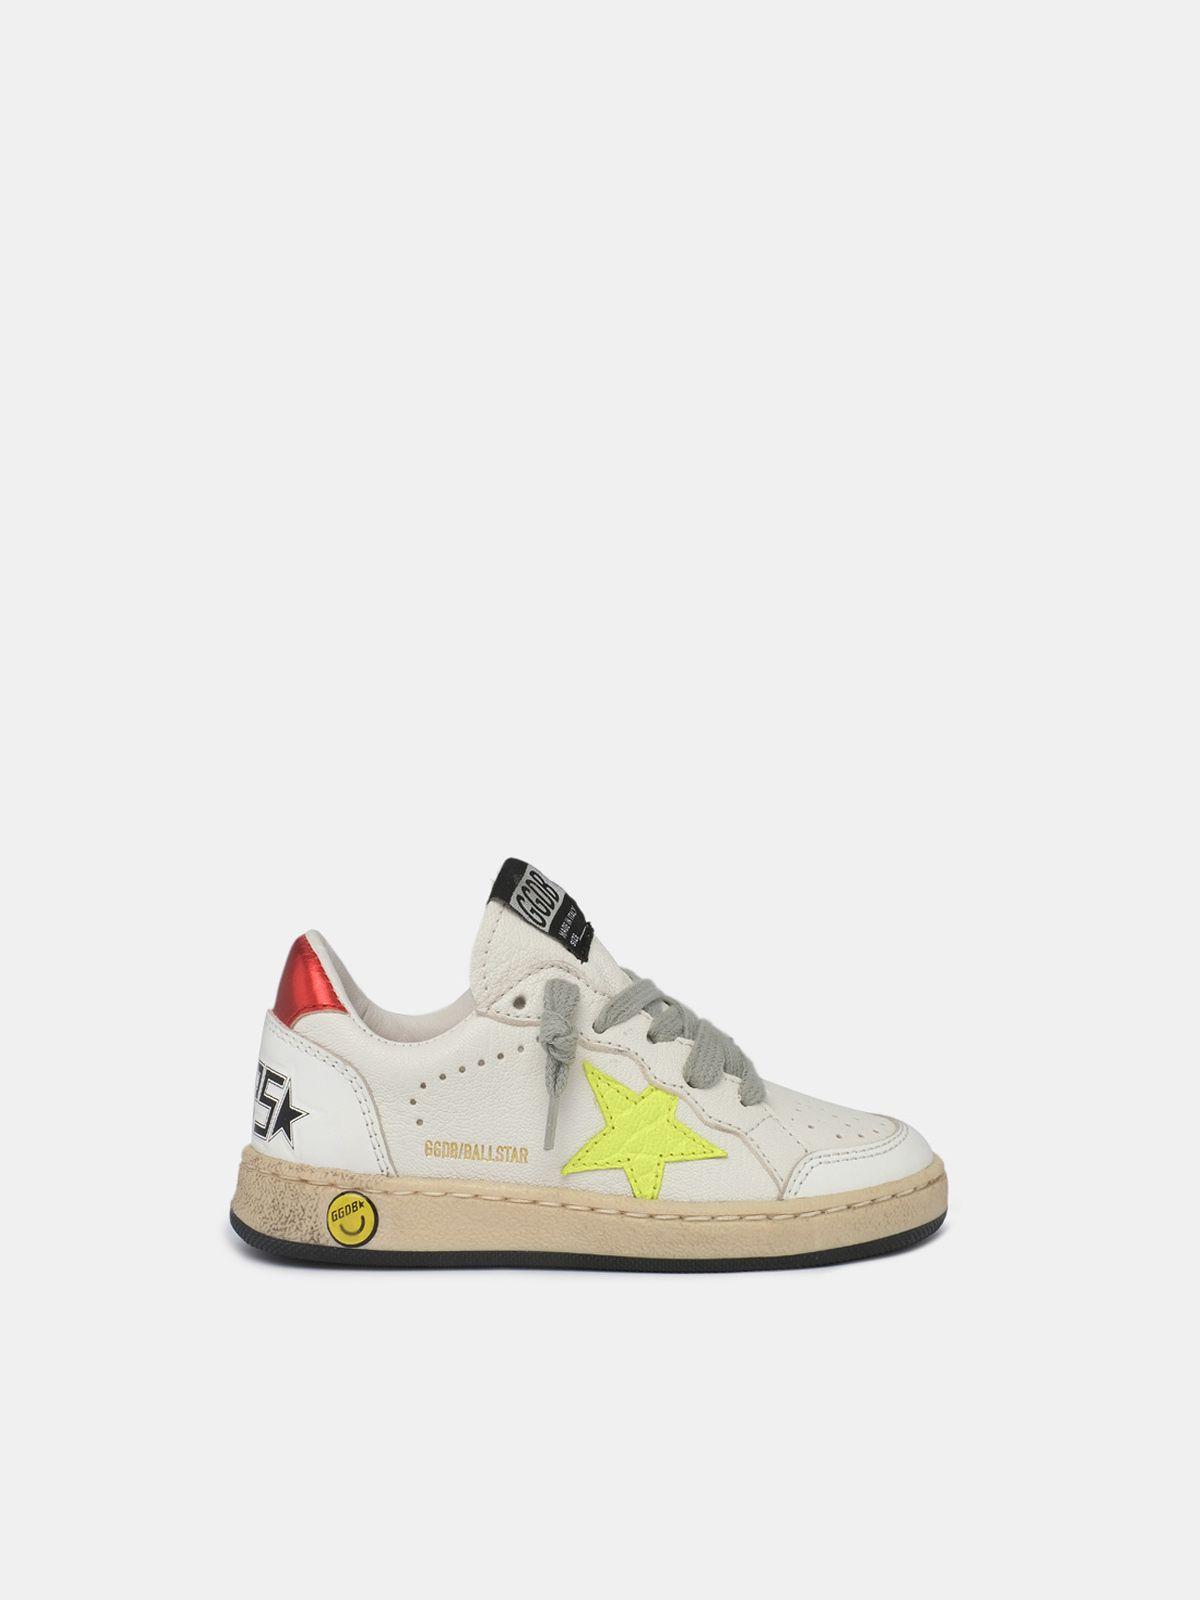 Golden Goose - Sneakers Ball Star con stella gialla stampata cocco e talloncino rosso laminato in